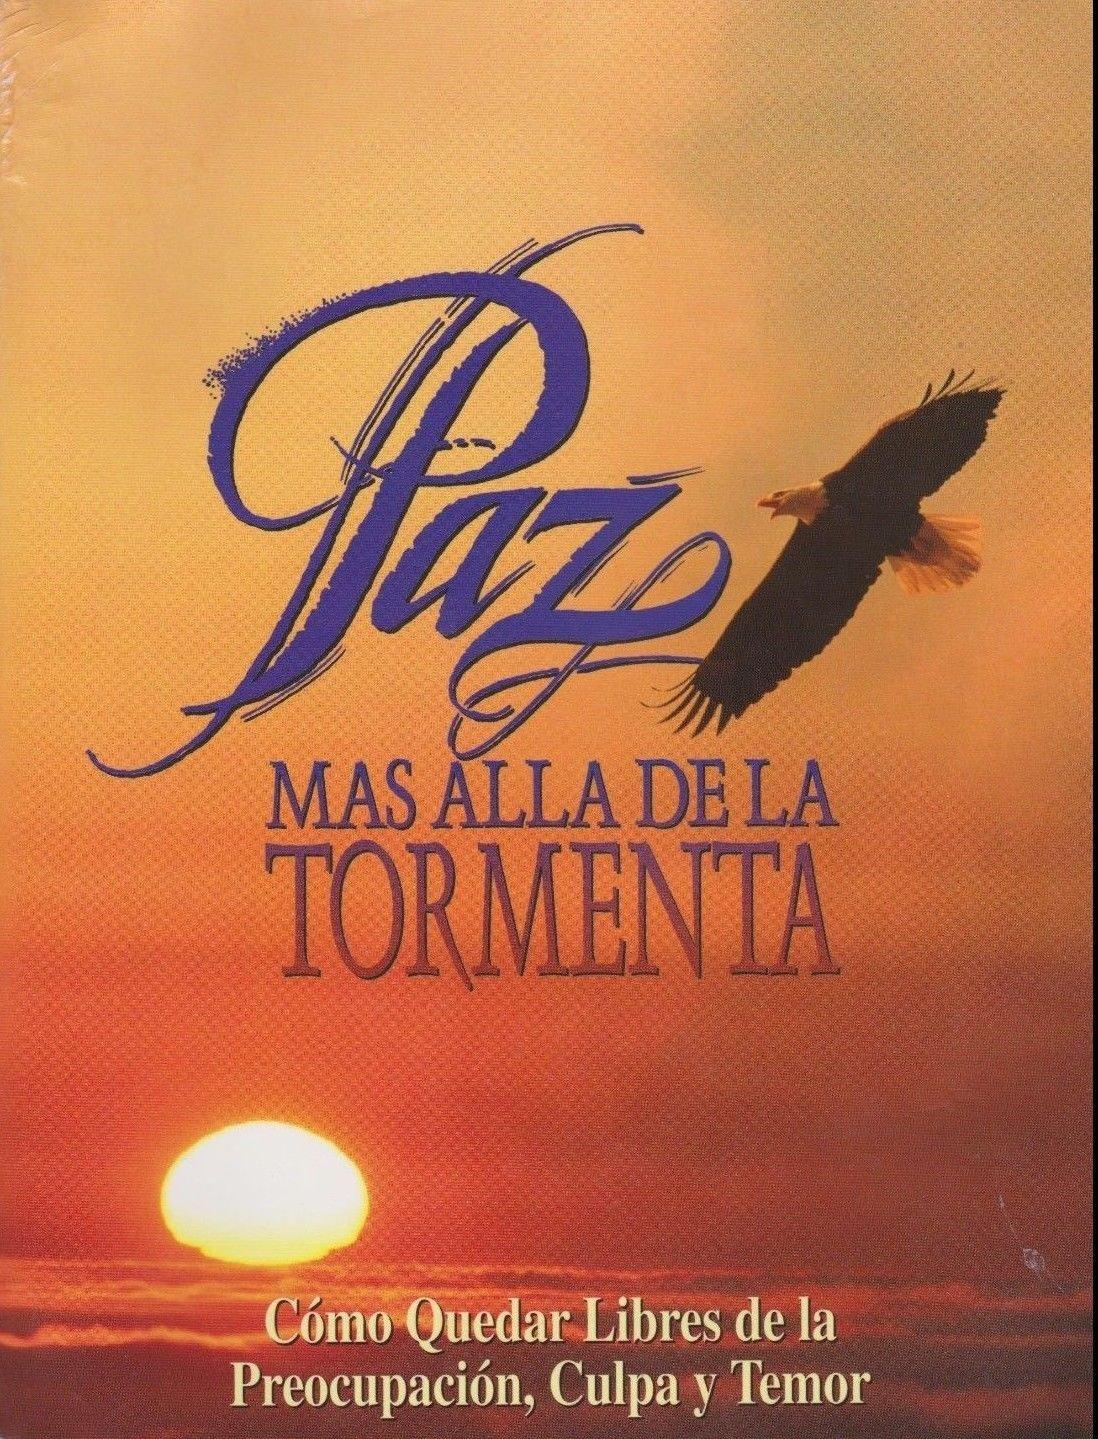 Paz Mas Alla de la Tormenta - Como Quedar Libres de la Preocupacion, Culpa y Temor (Spanish Language) ebook